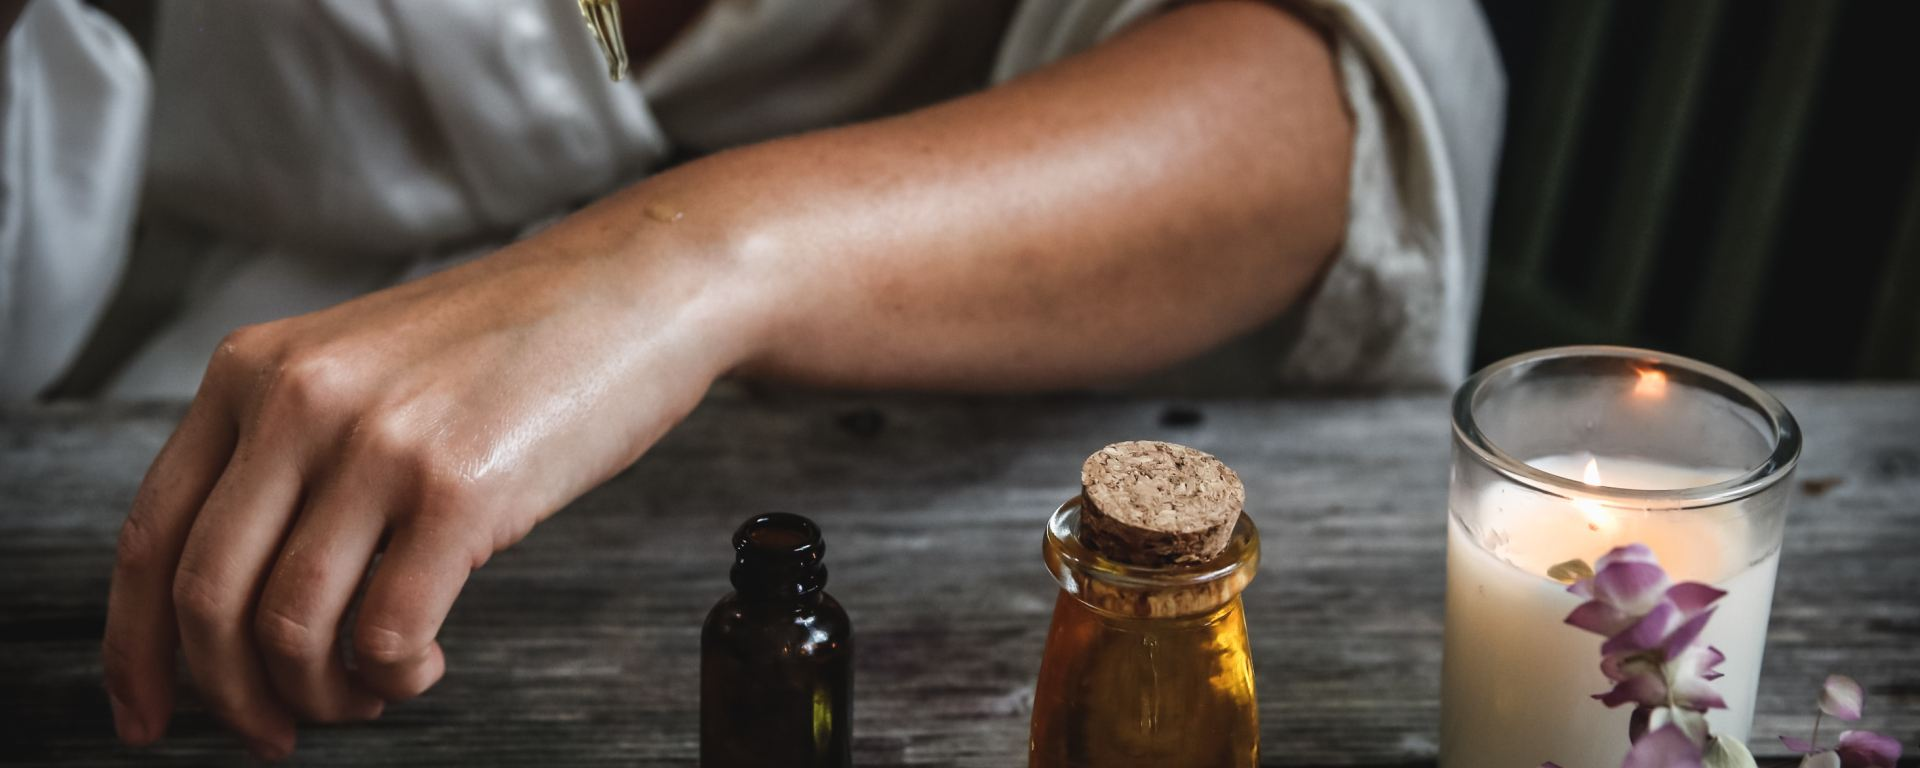 tout savoir sur les huiles essentielles définition, classification, mode d'emploi